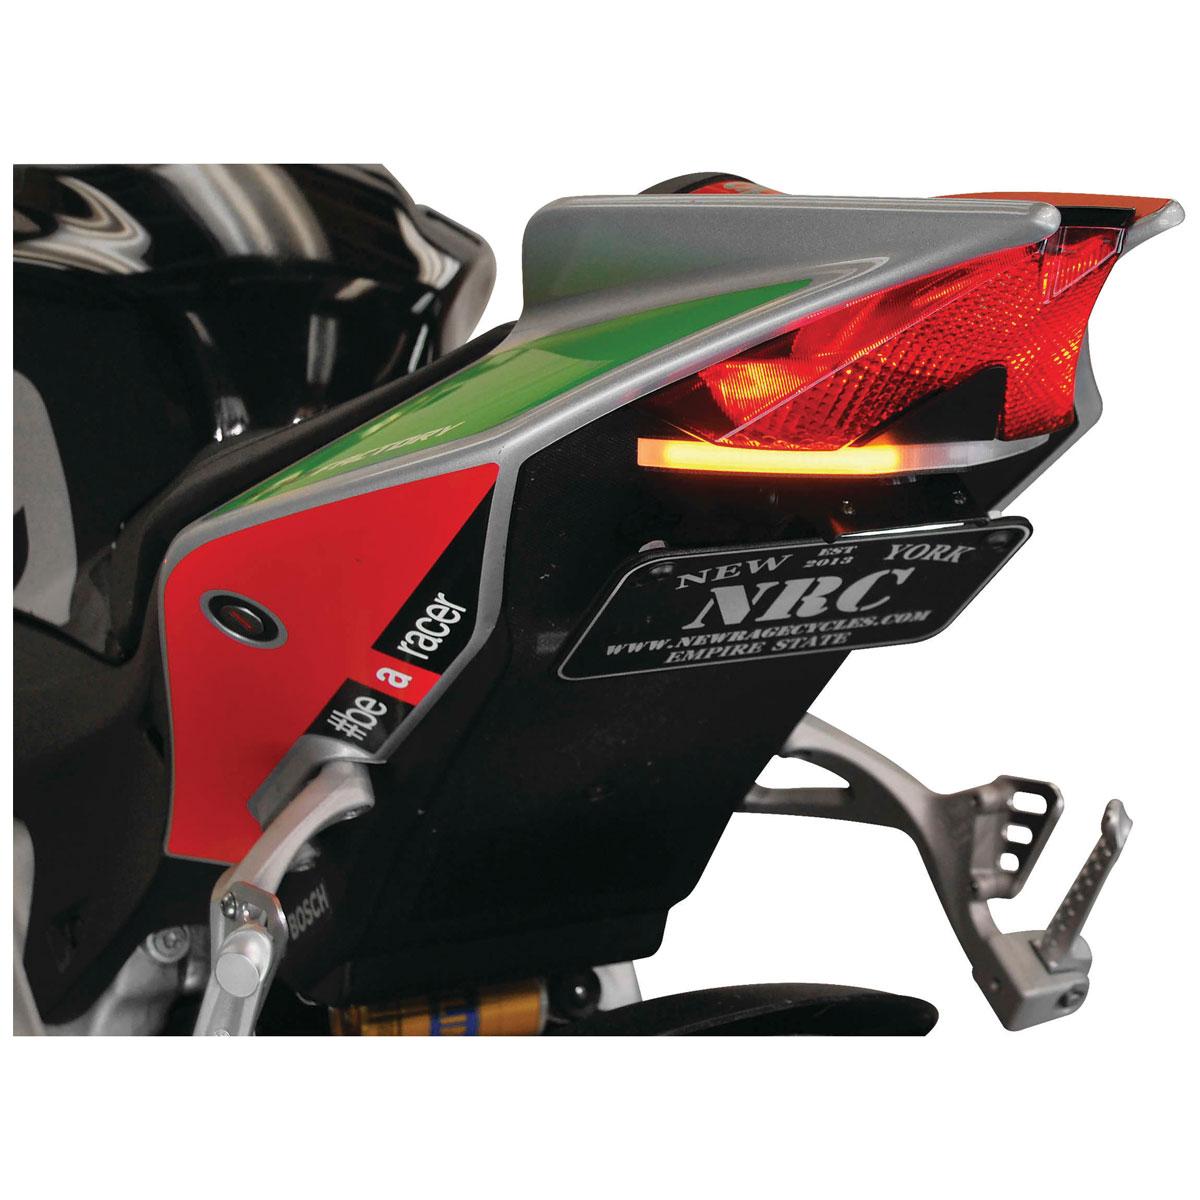 New Rage Cycles LED Fender Eliminator Kit